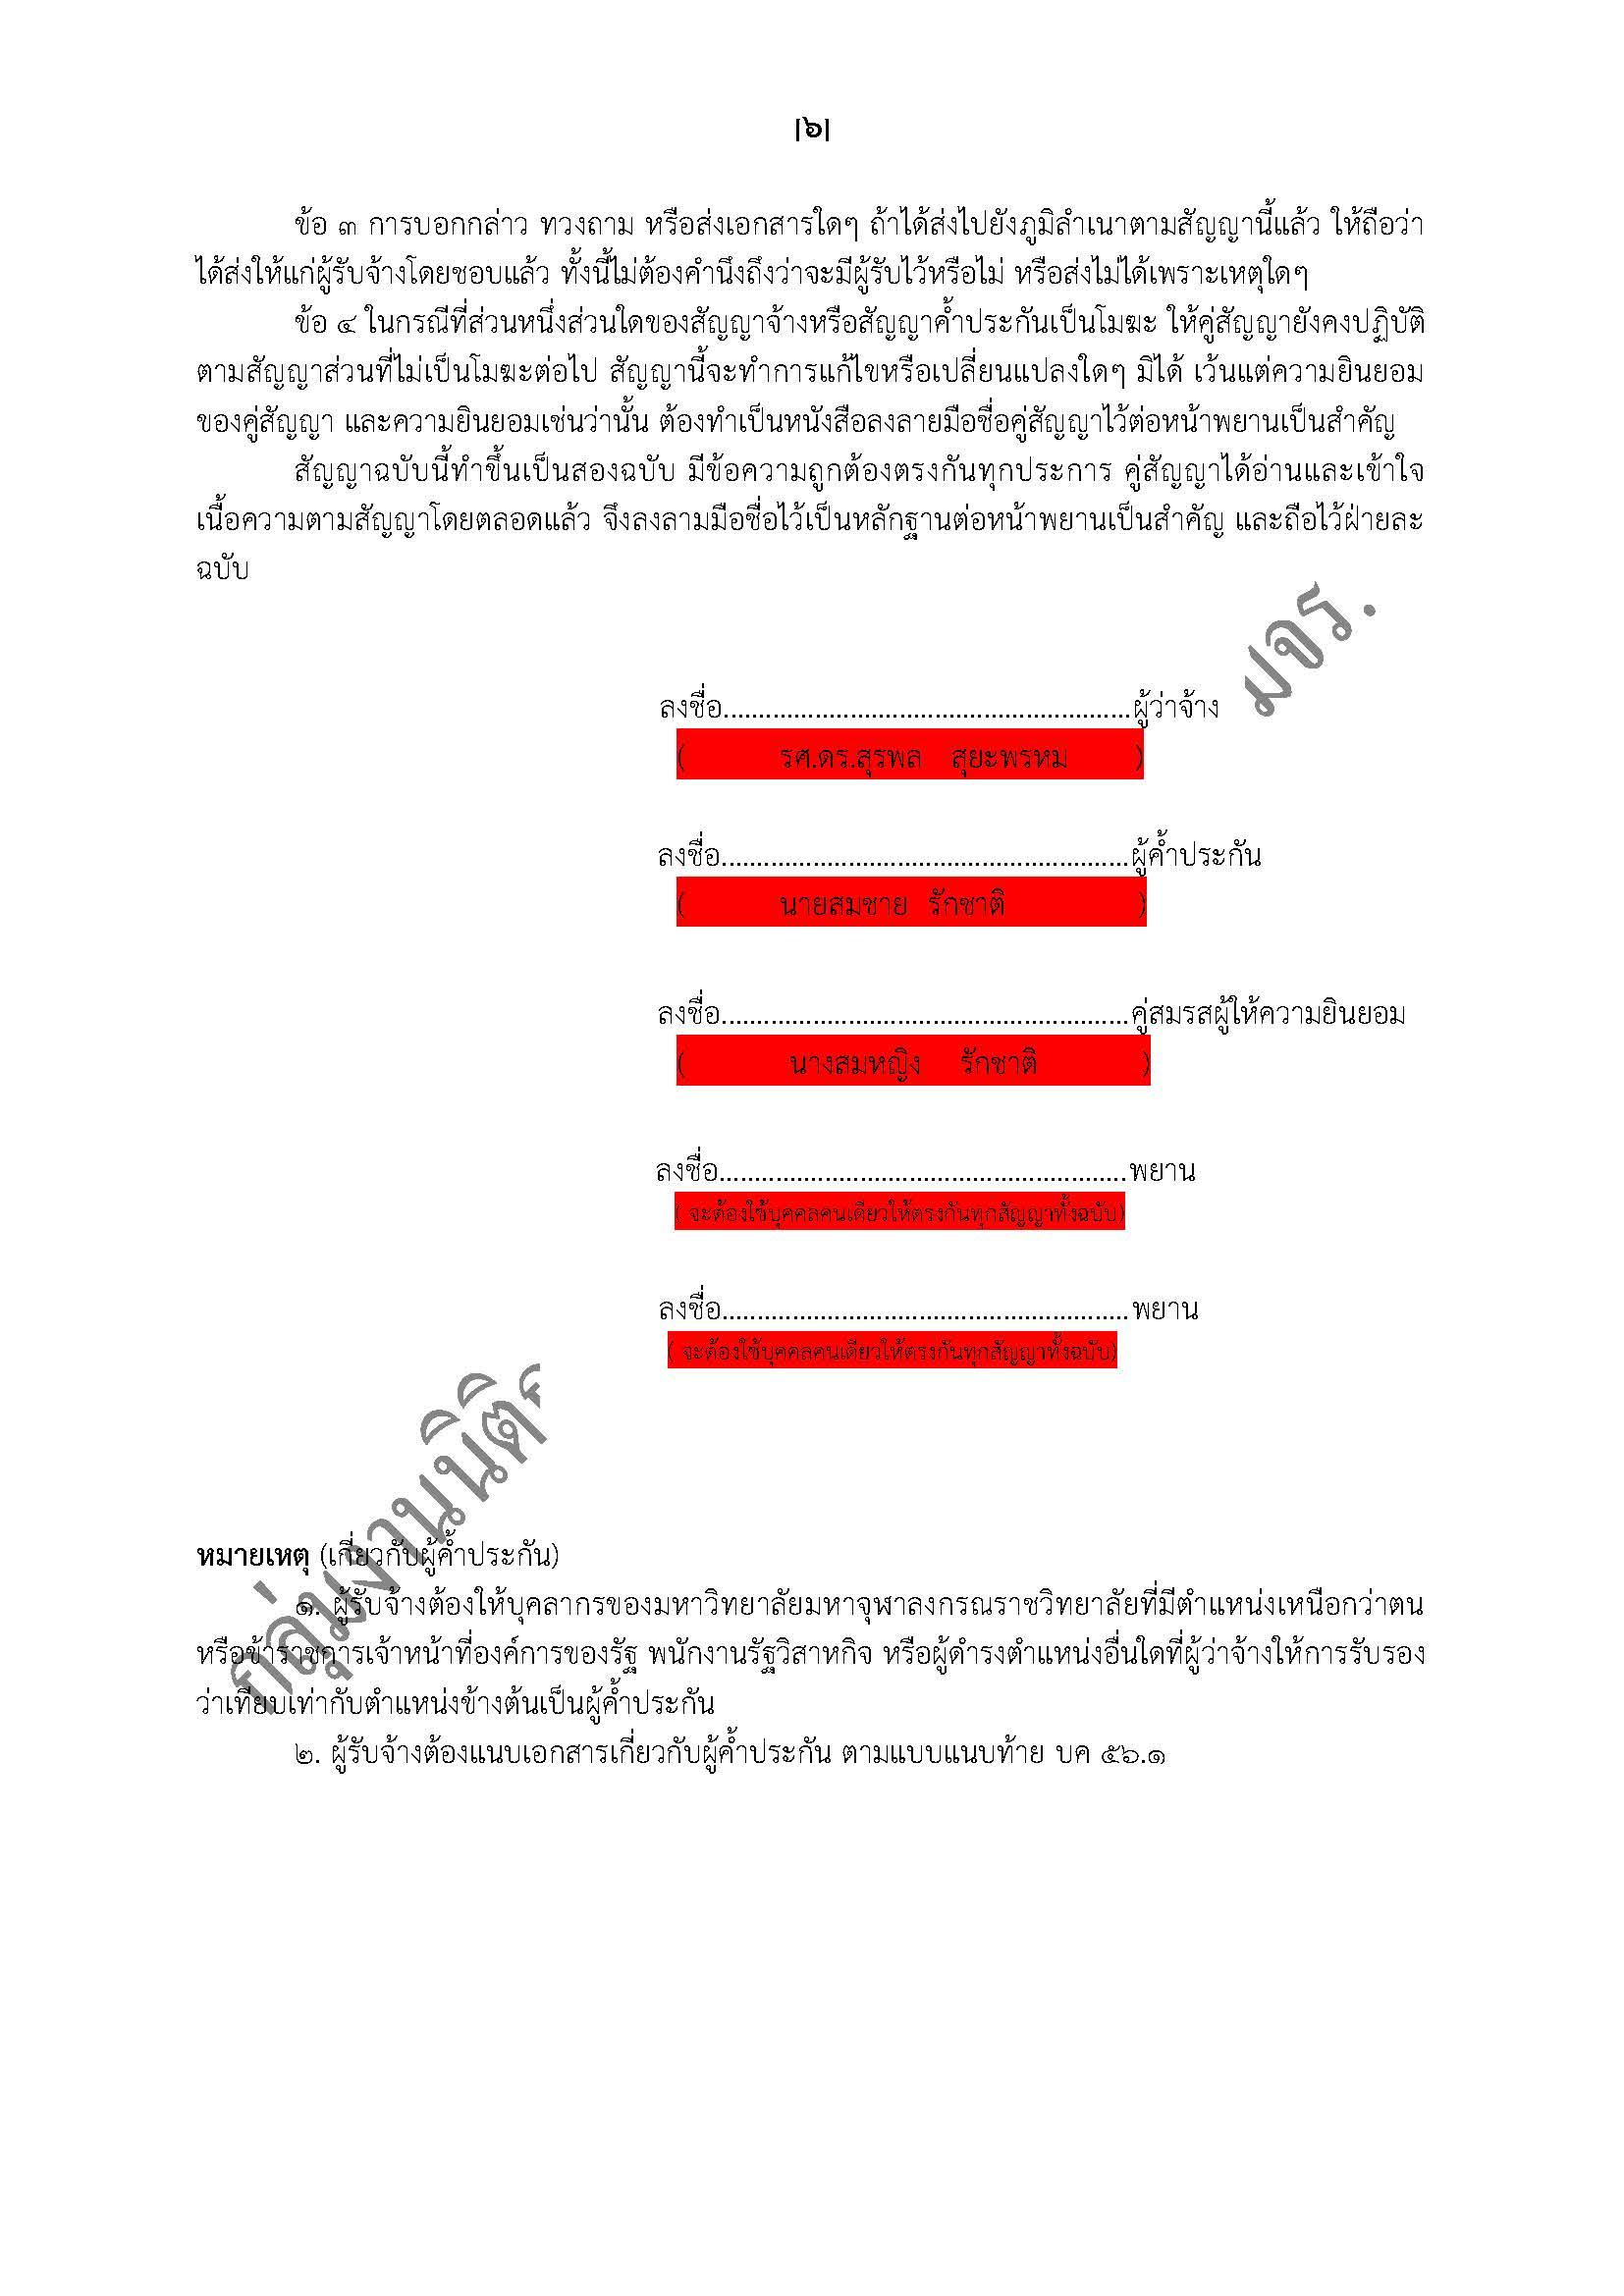 ตัวอย่างการกรอกสัญญาจ้างชั่วคราว บค 49_Page_6